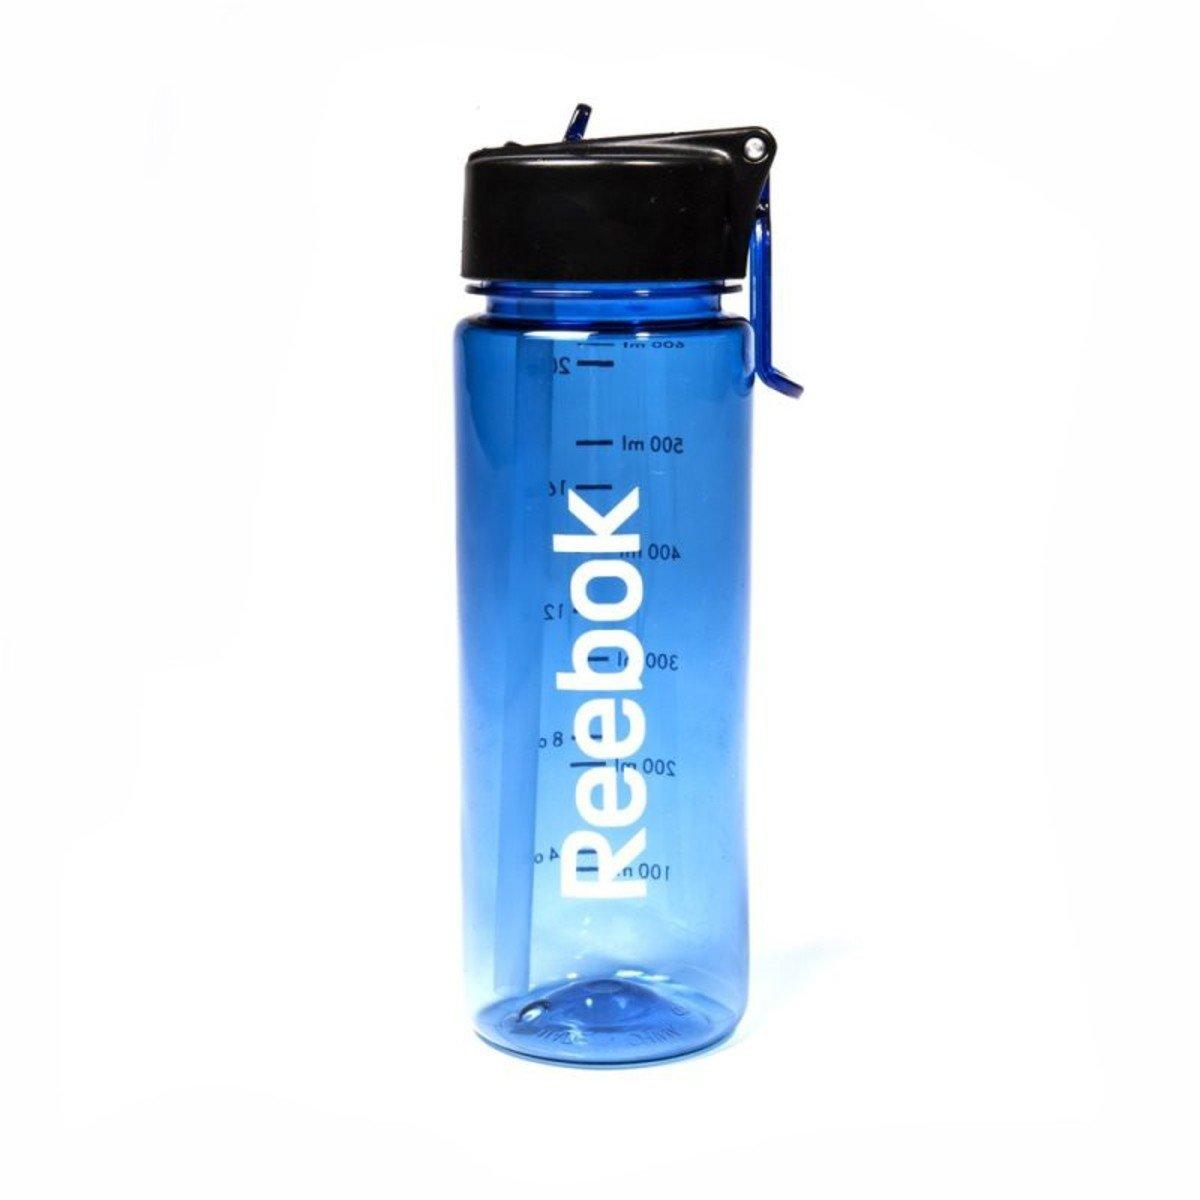 運動水壺(藍色)